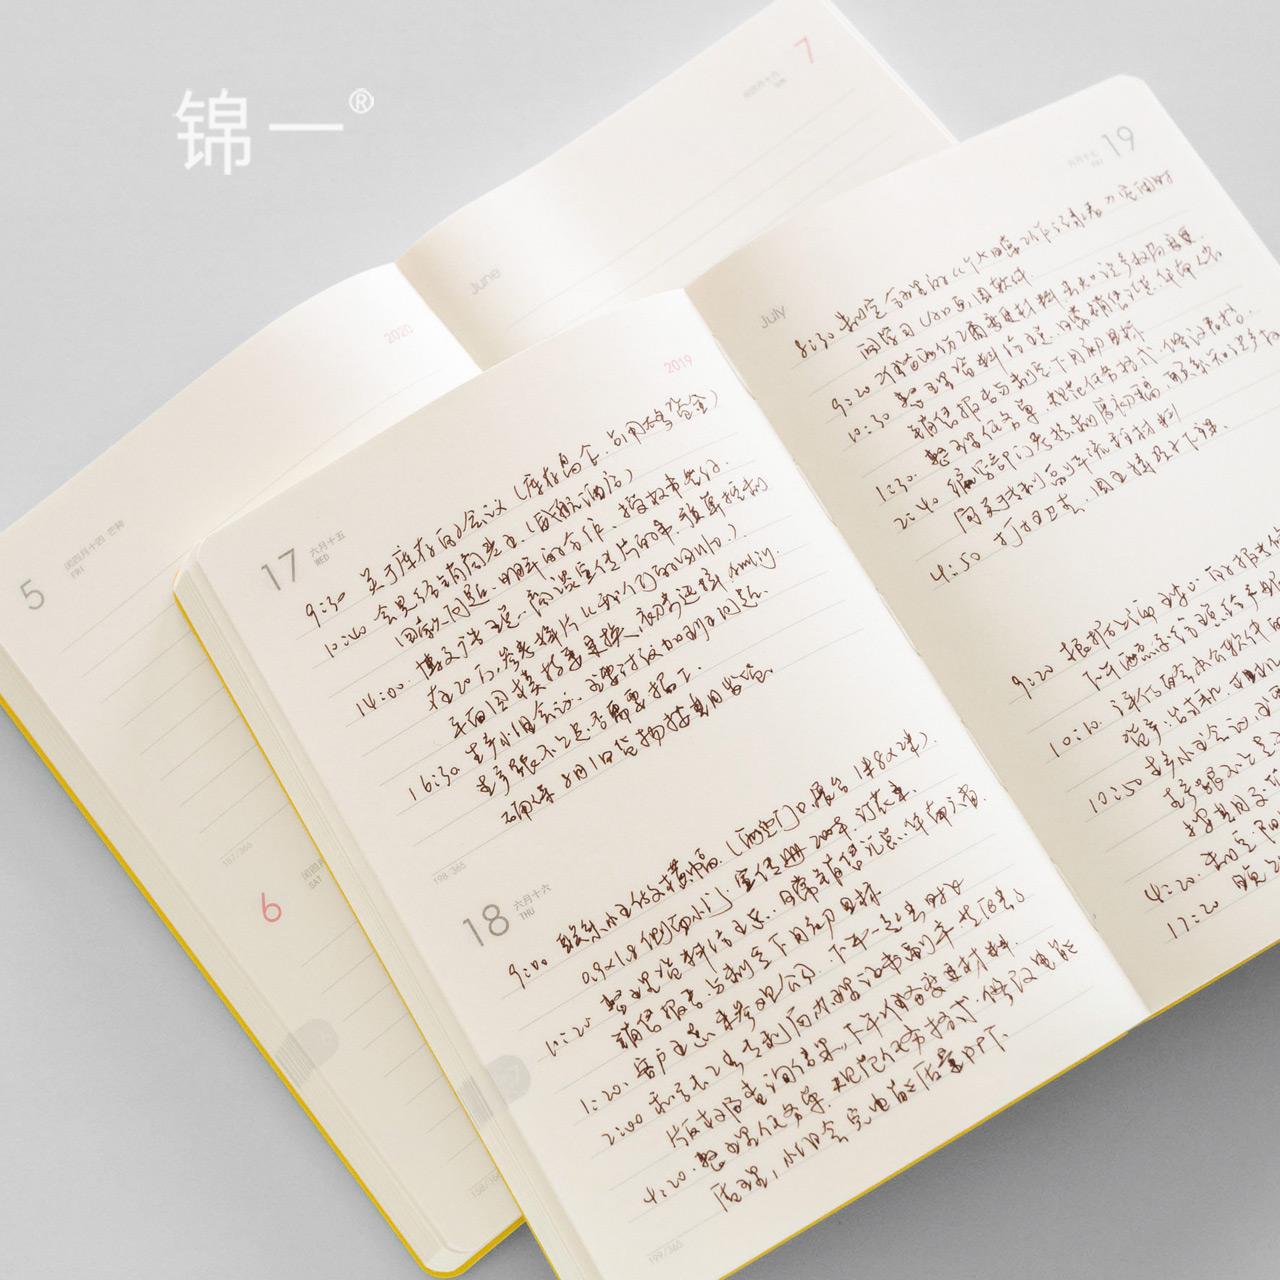 2020效率手册 日程本计划表学生记事本2020年日程计划本笔记本子手帐日记本每日365日工作计划本手账本日历本